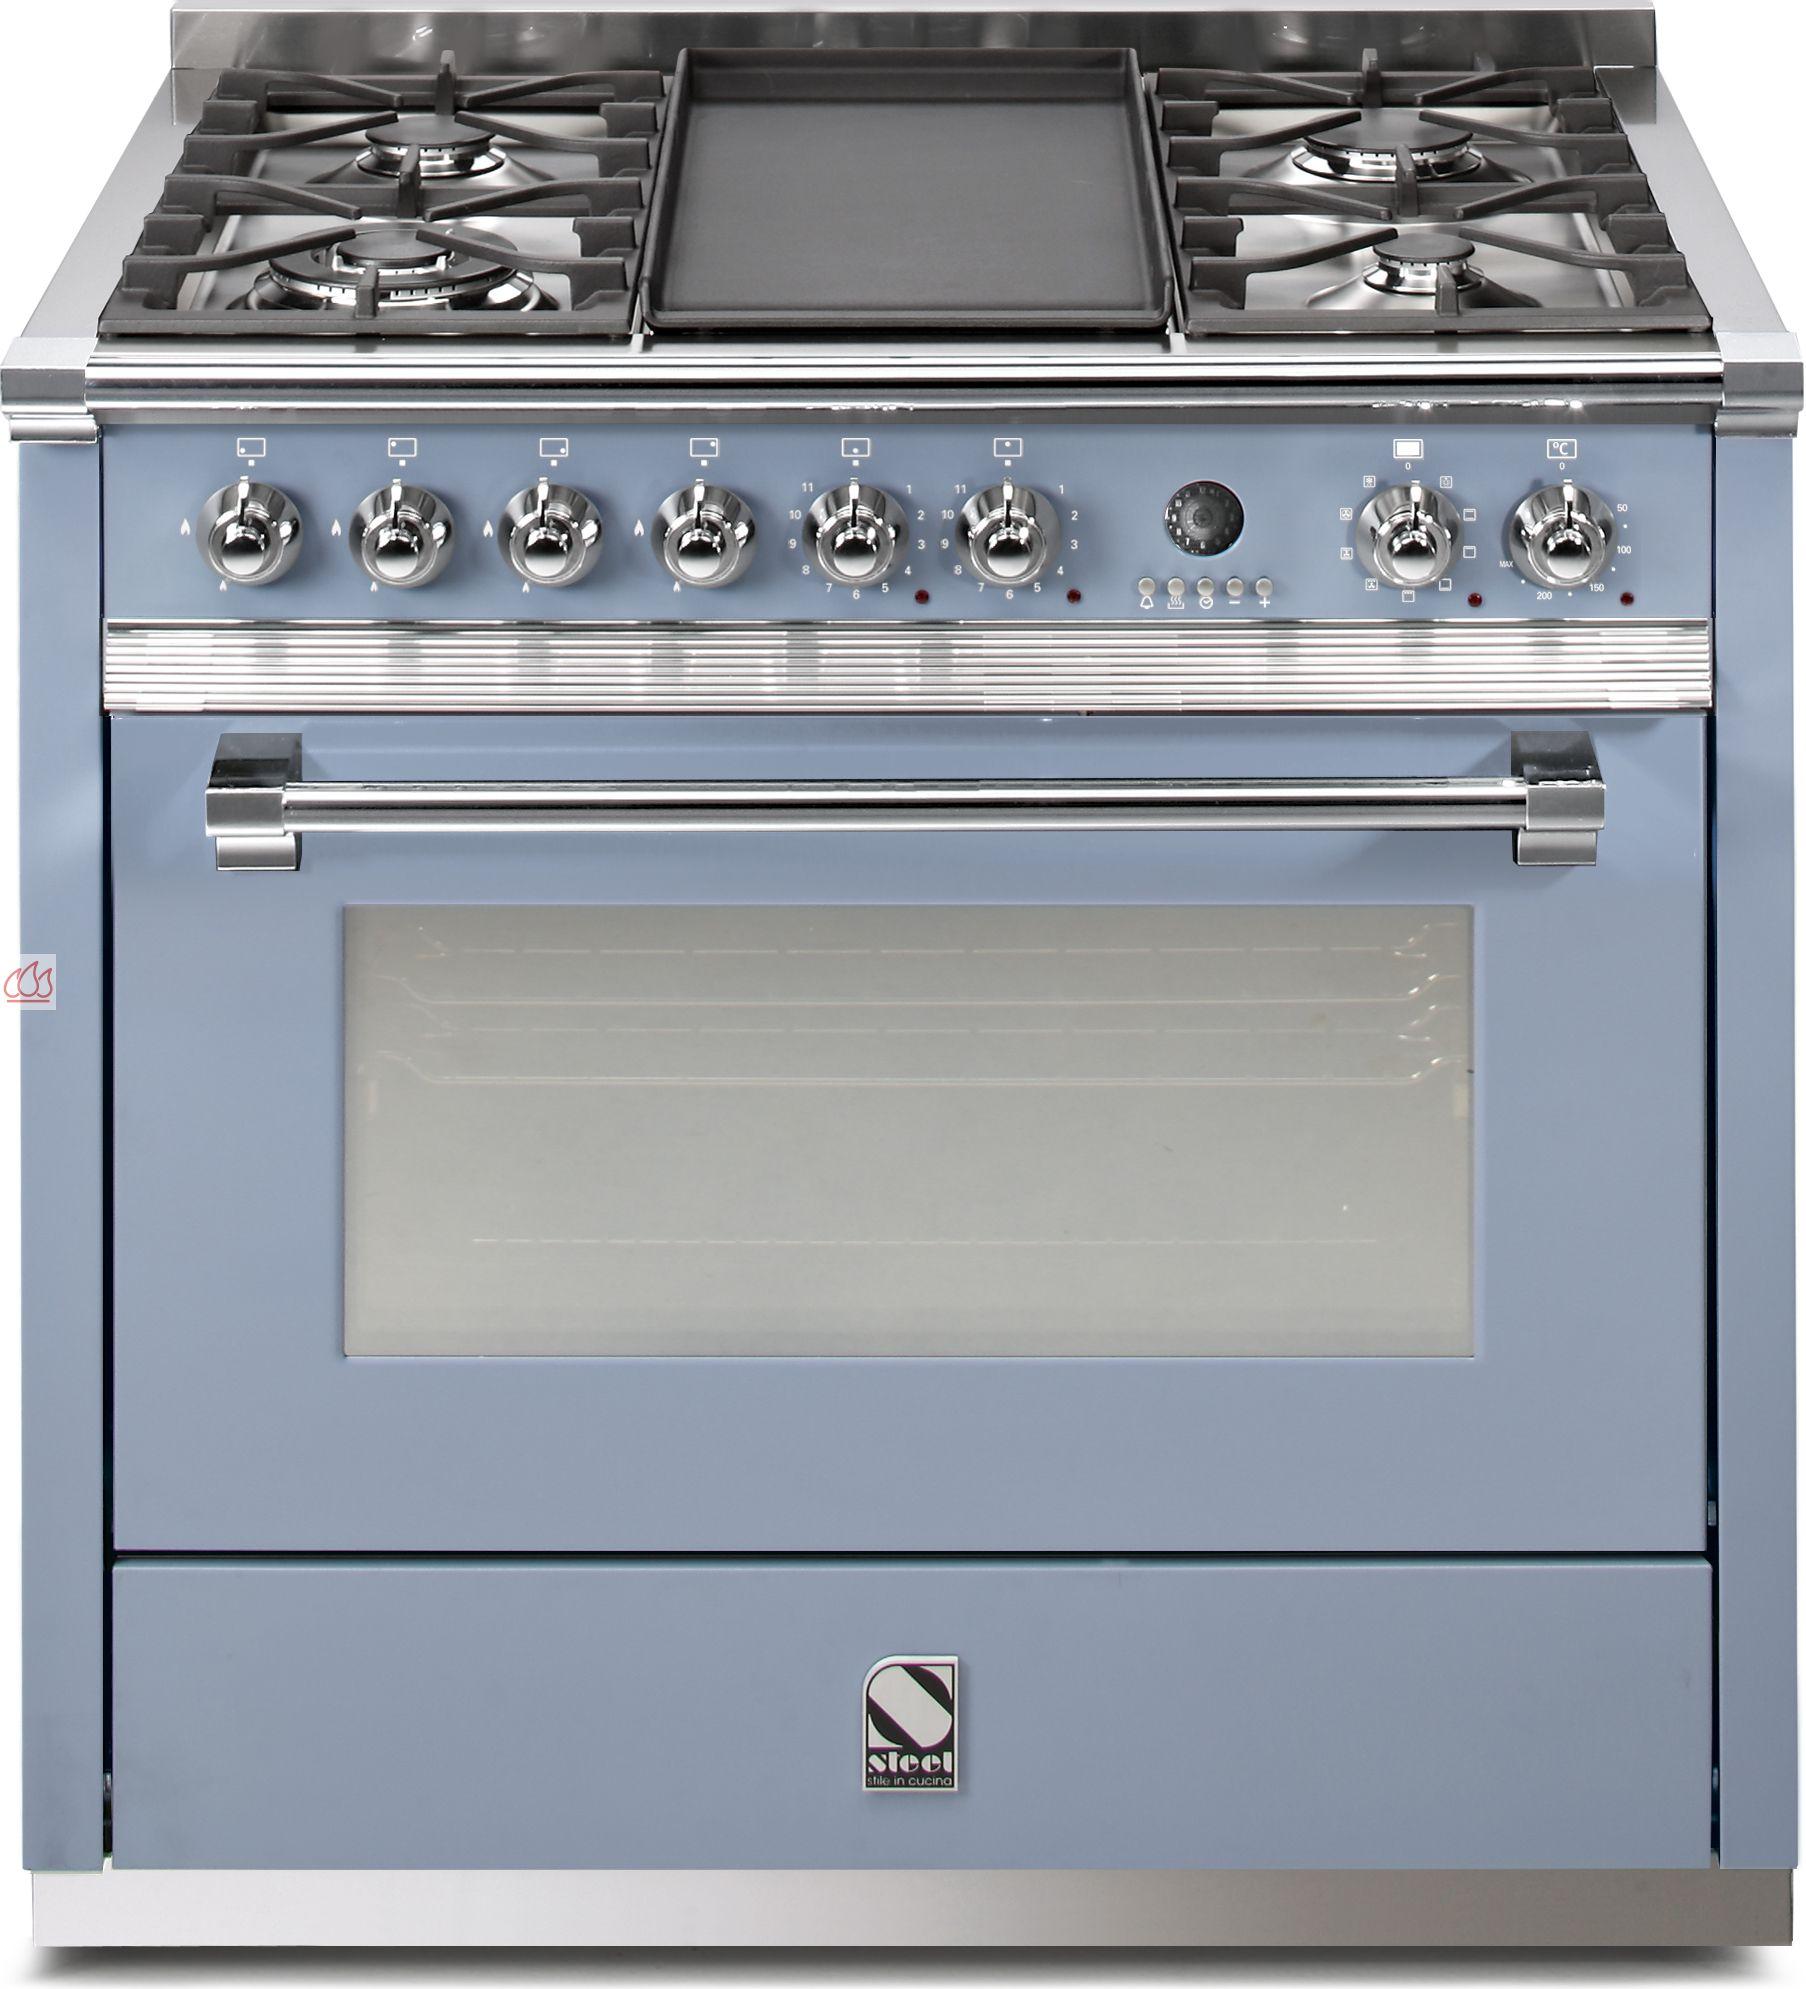 Piano de cuisson avec 1 four table de cuisson personnalisable steel cucine ec ste115 mon - Piano avec four gaz ...